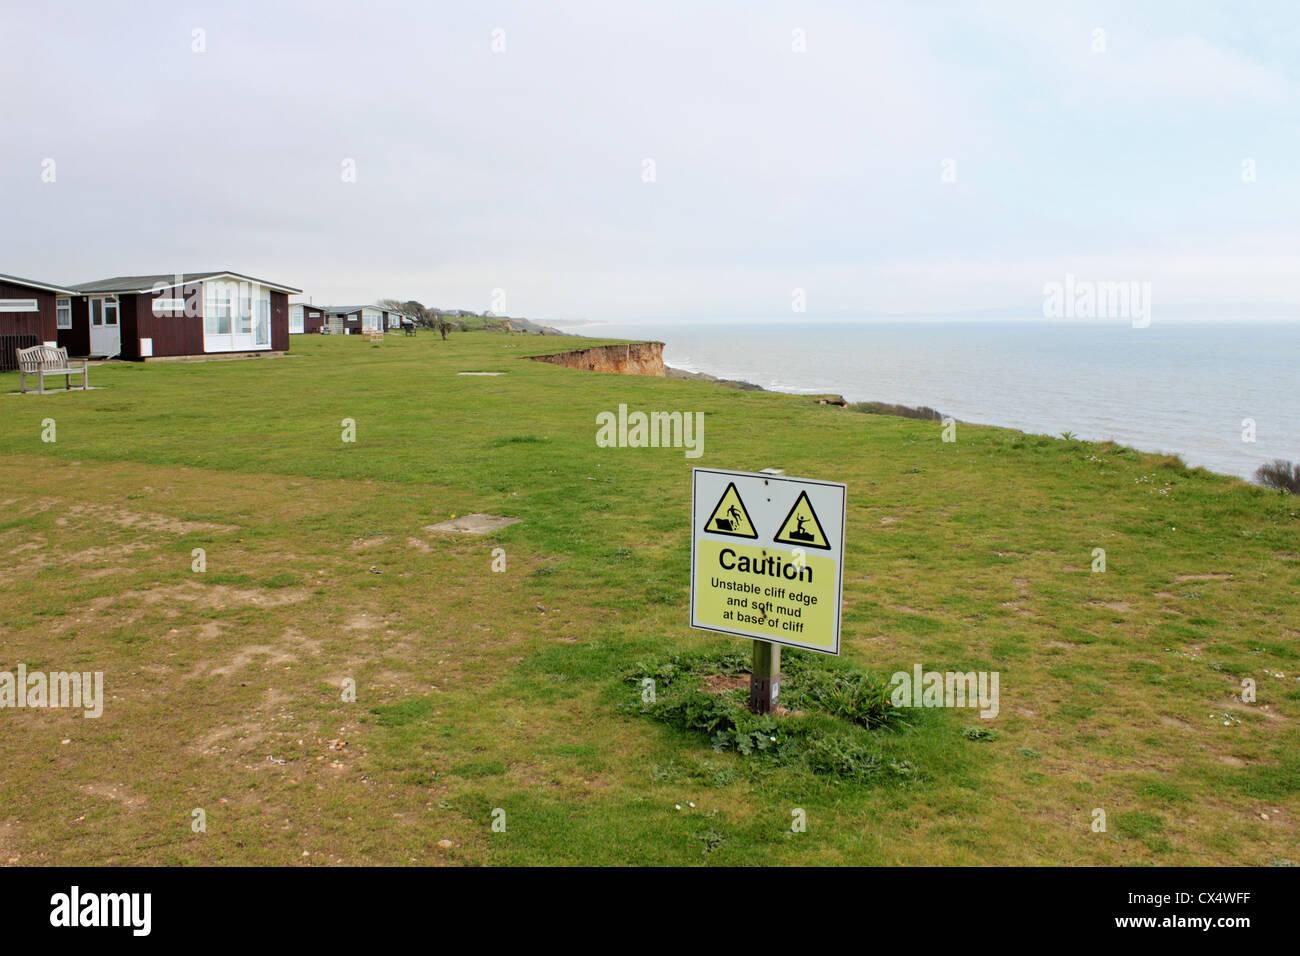 L'érosion des falaises entre Barton sur mer et Highcliffe, Dorset, England UK Banque D'Images